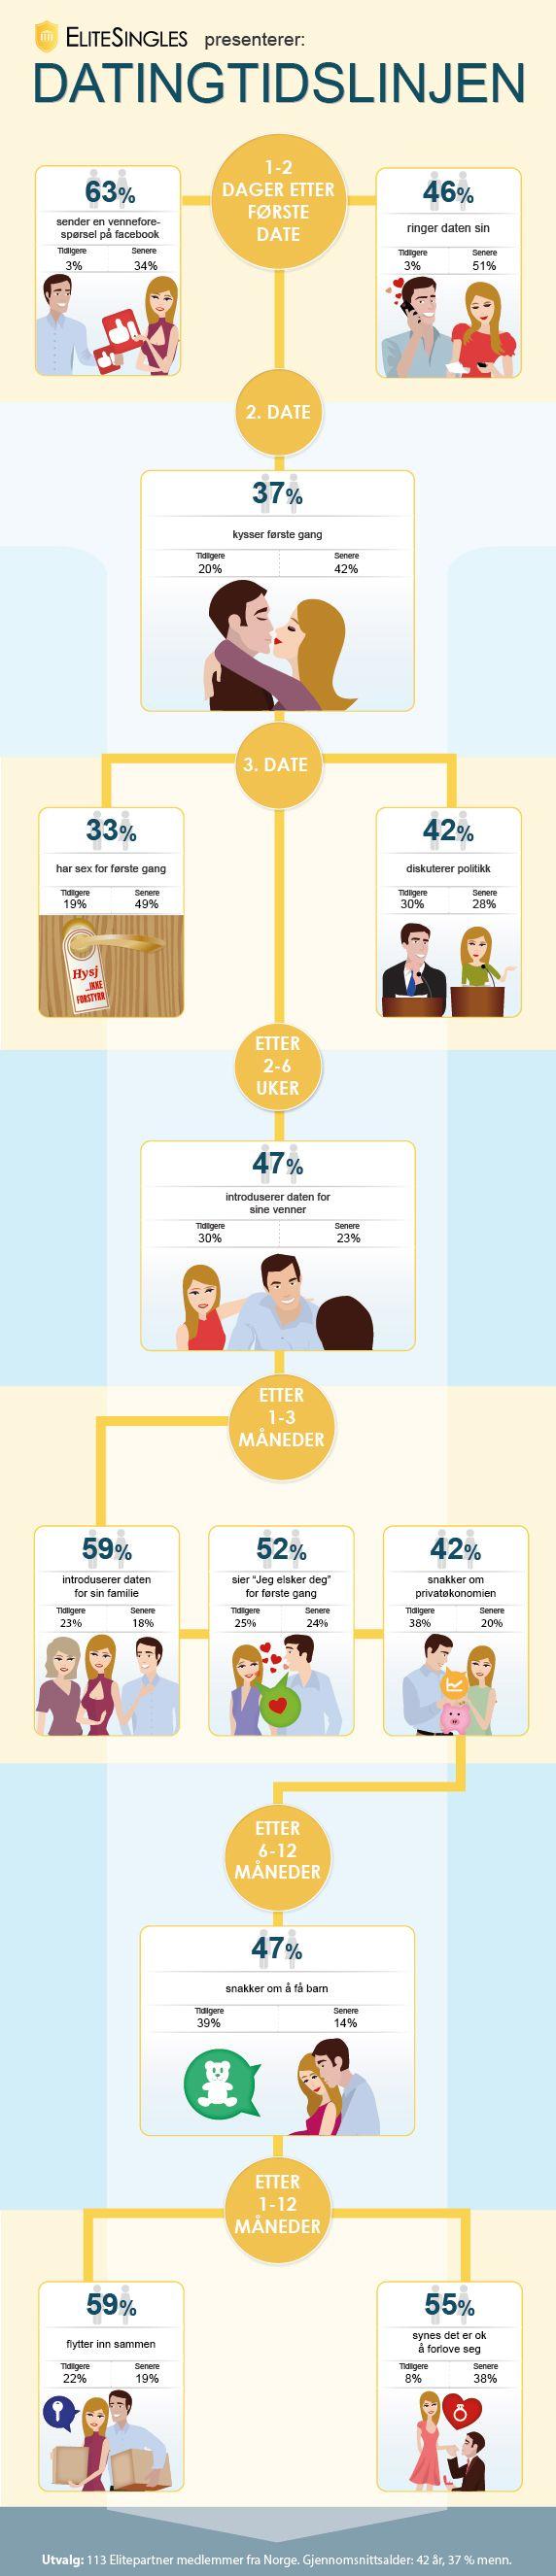 datingtidslinjen: kysser første gang #blikjent #forholdet #Infografikk